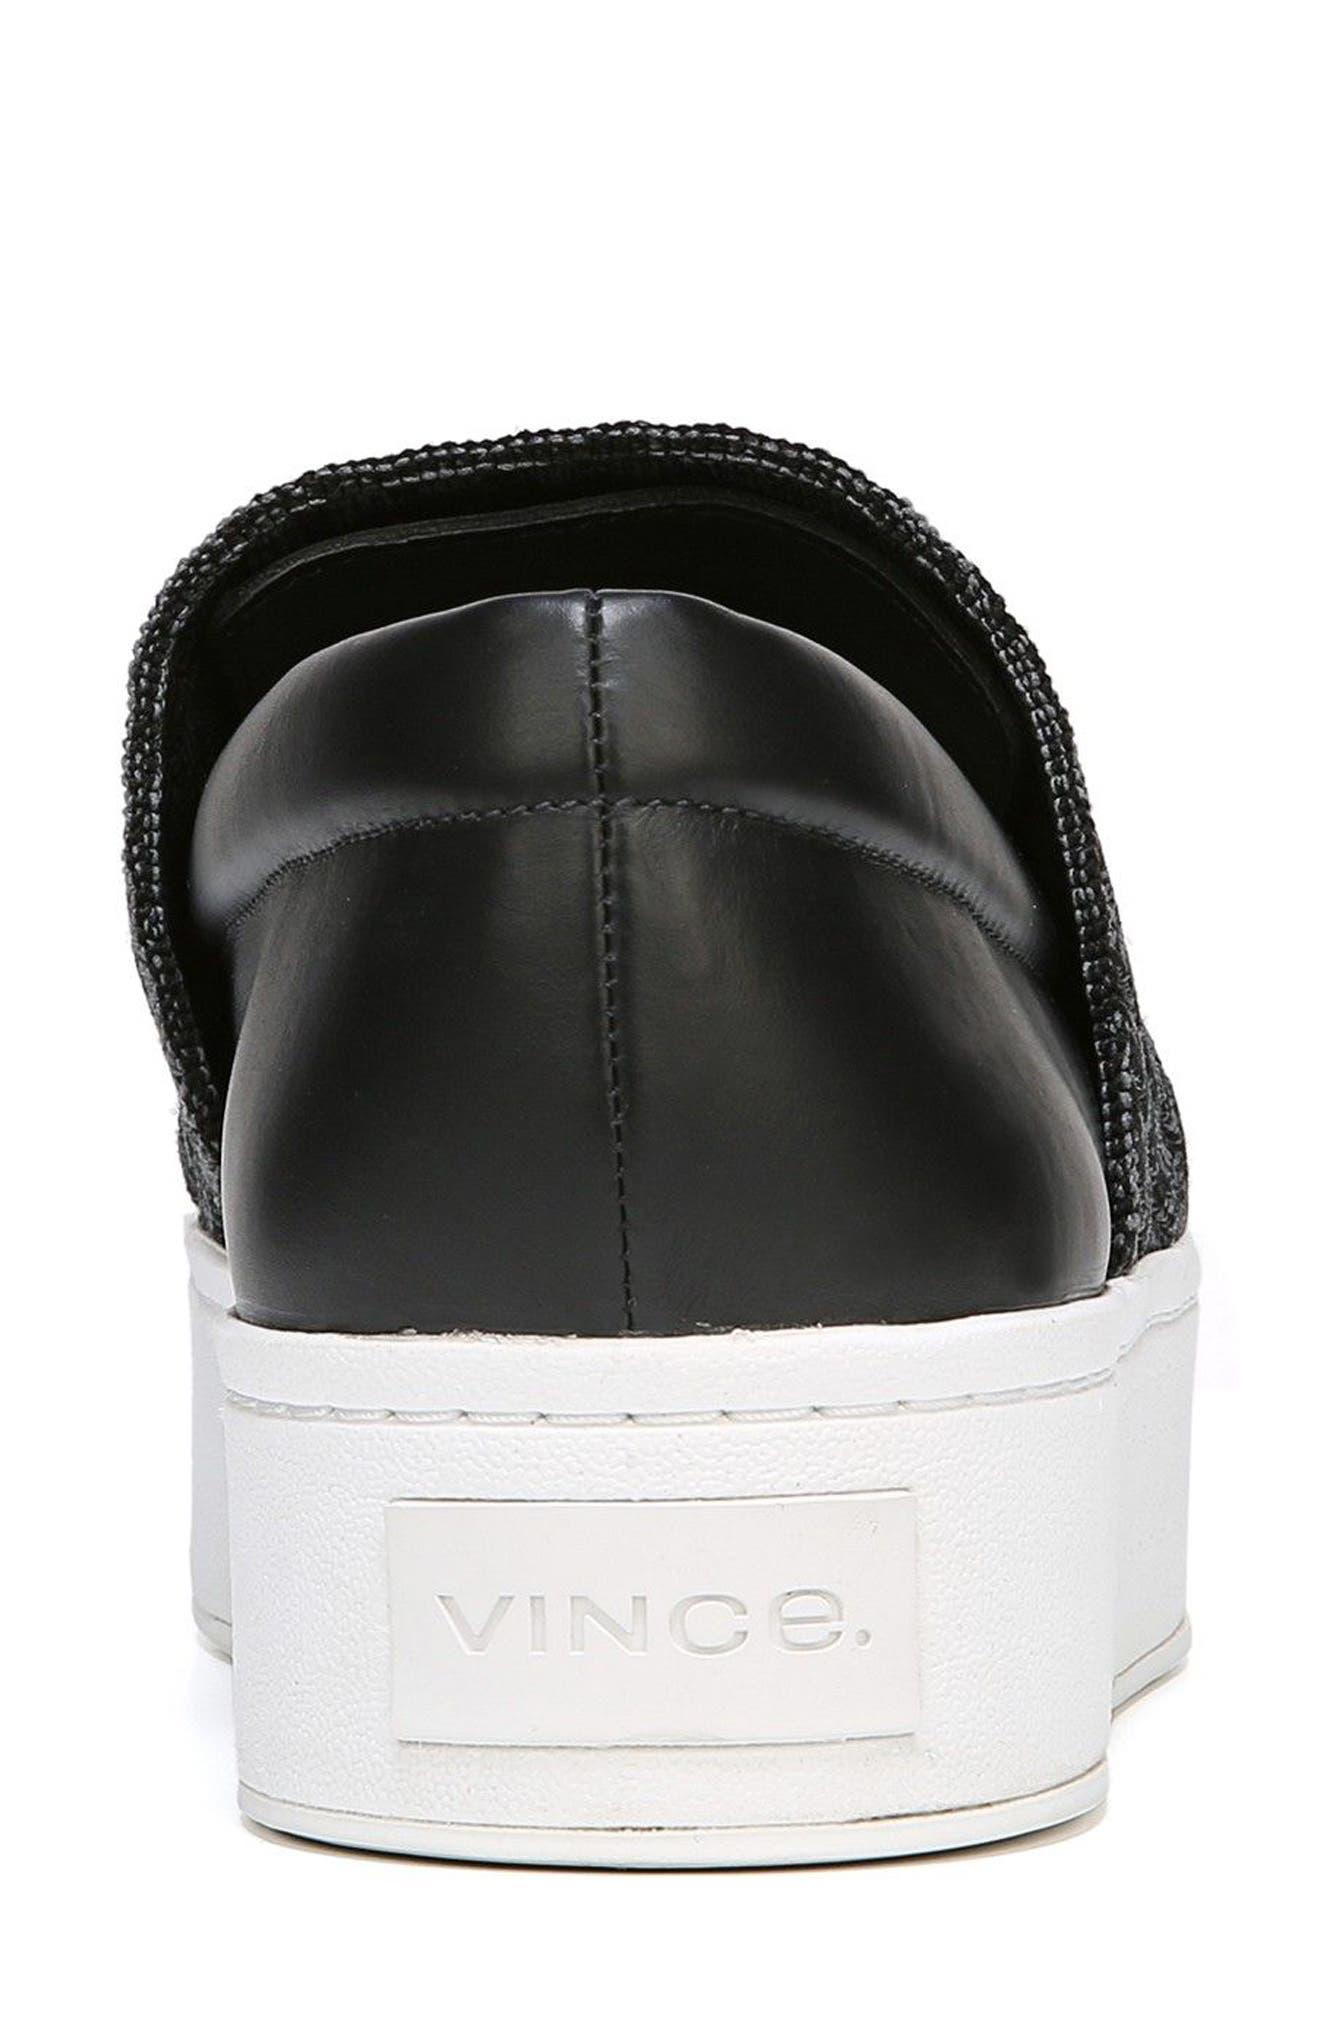 Weadon Slip-On Sneaker,                             Alternate thumbnail 9, color,                             002